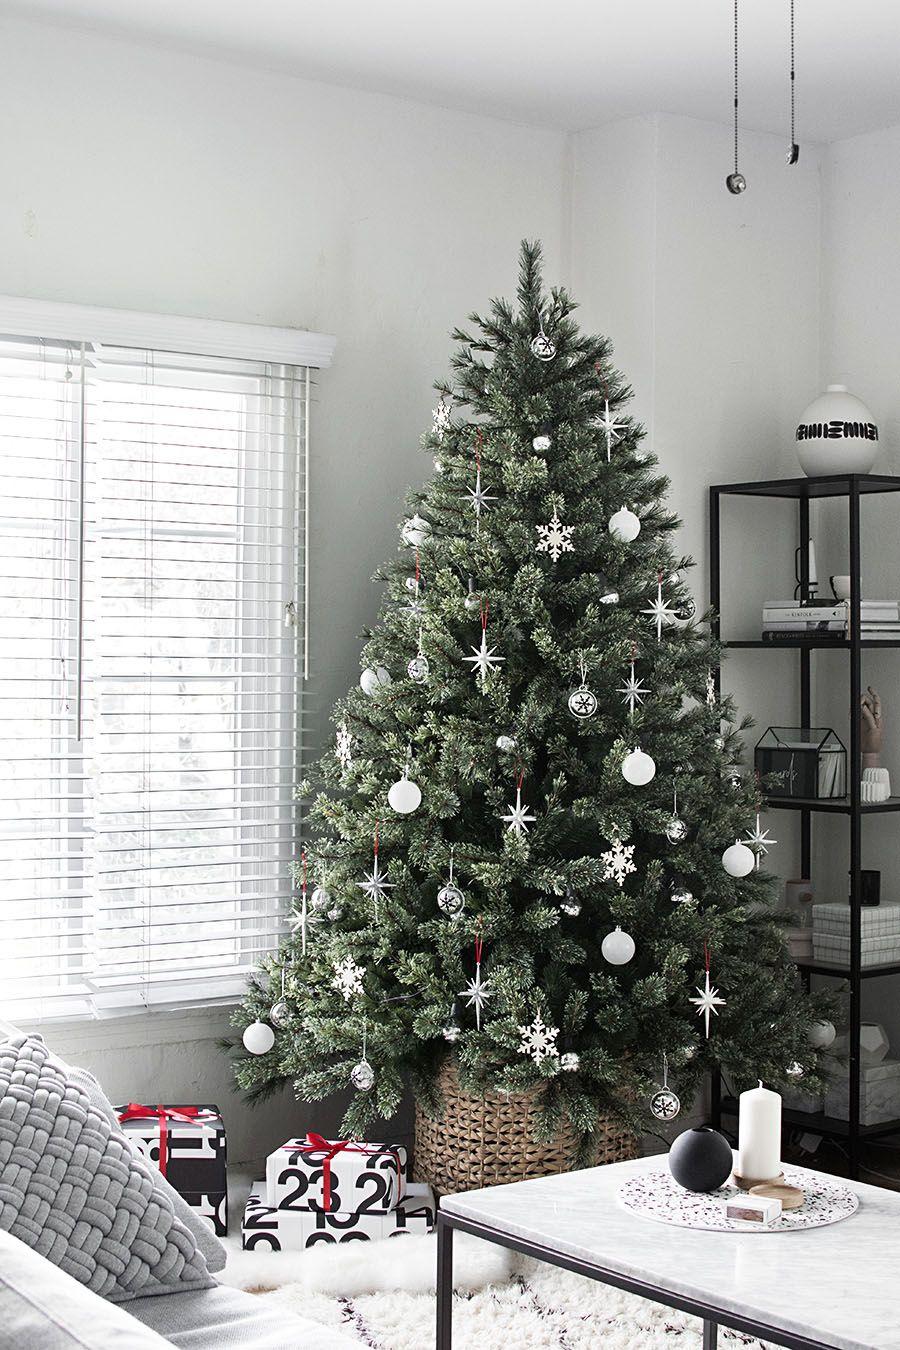 χριστουγεννιάτικη διακόσμηση1